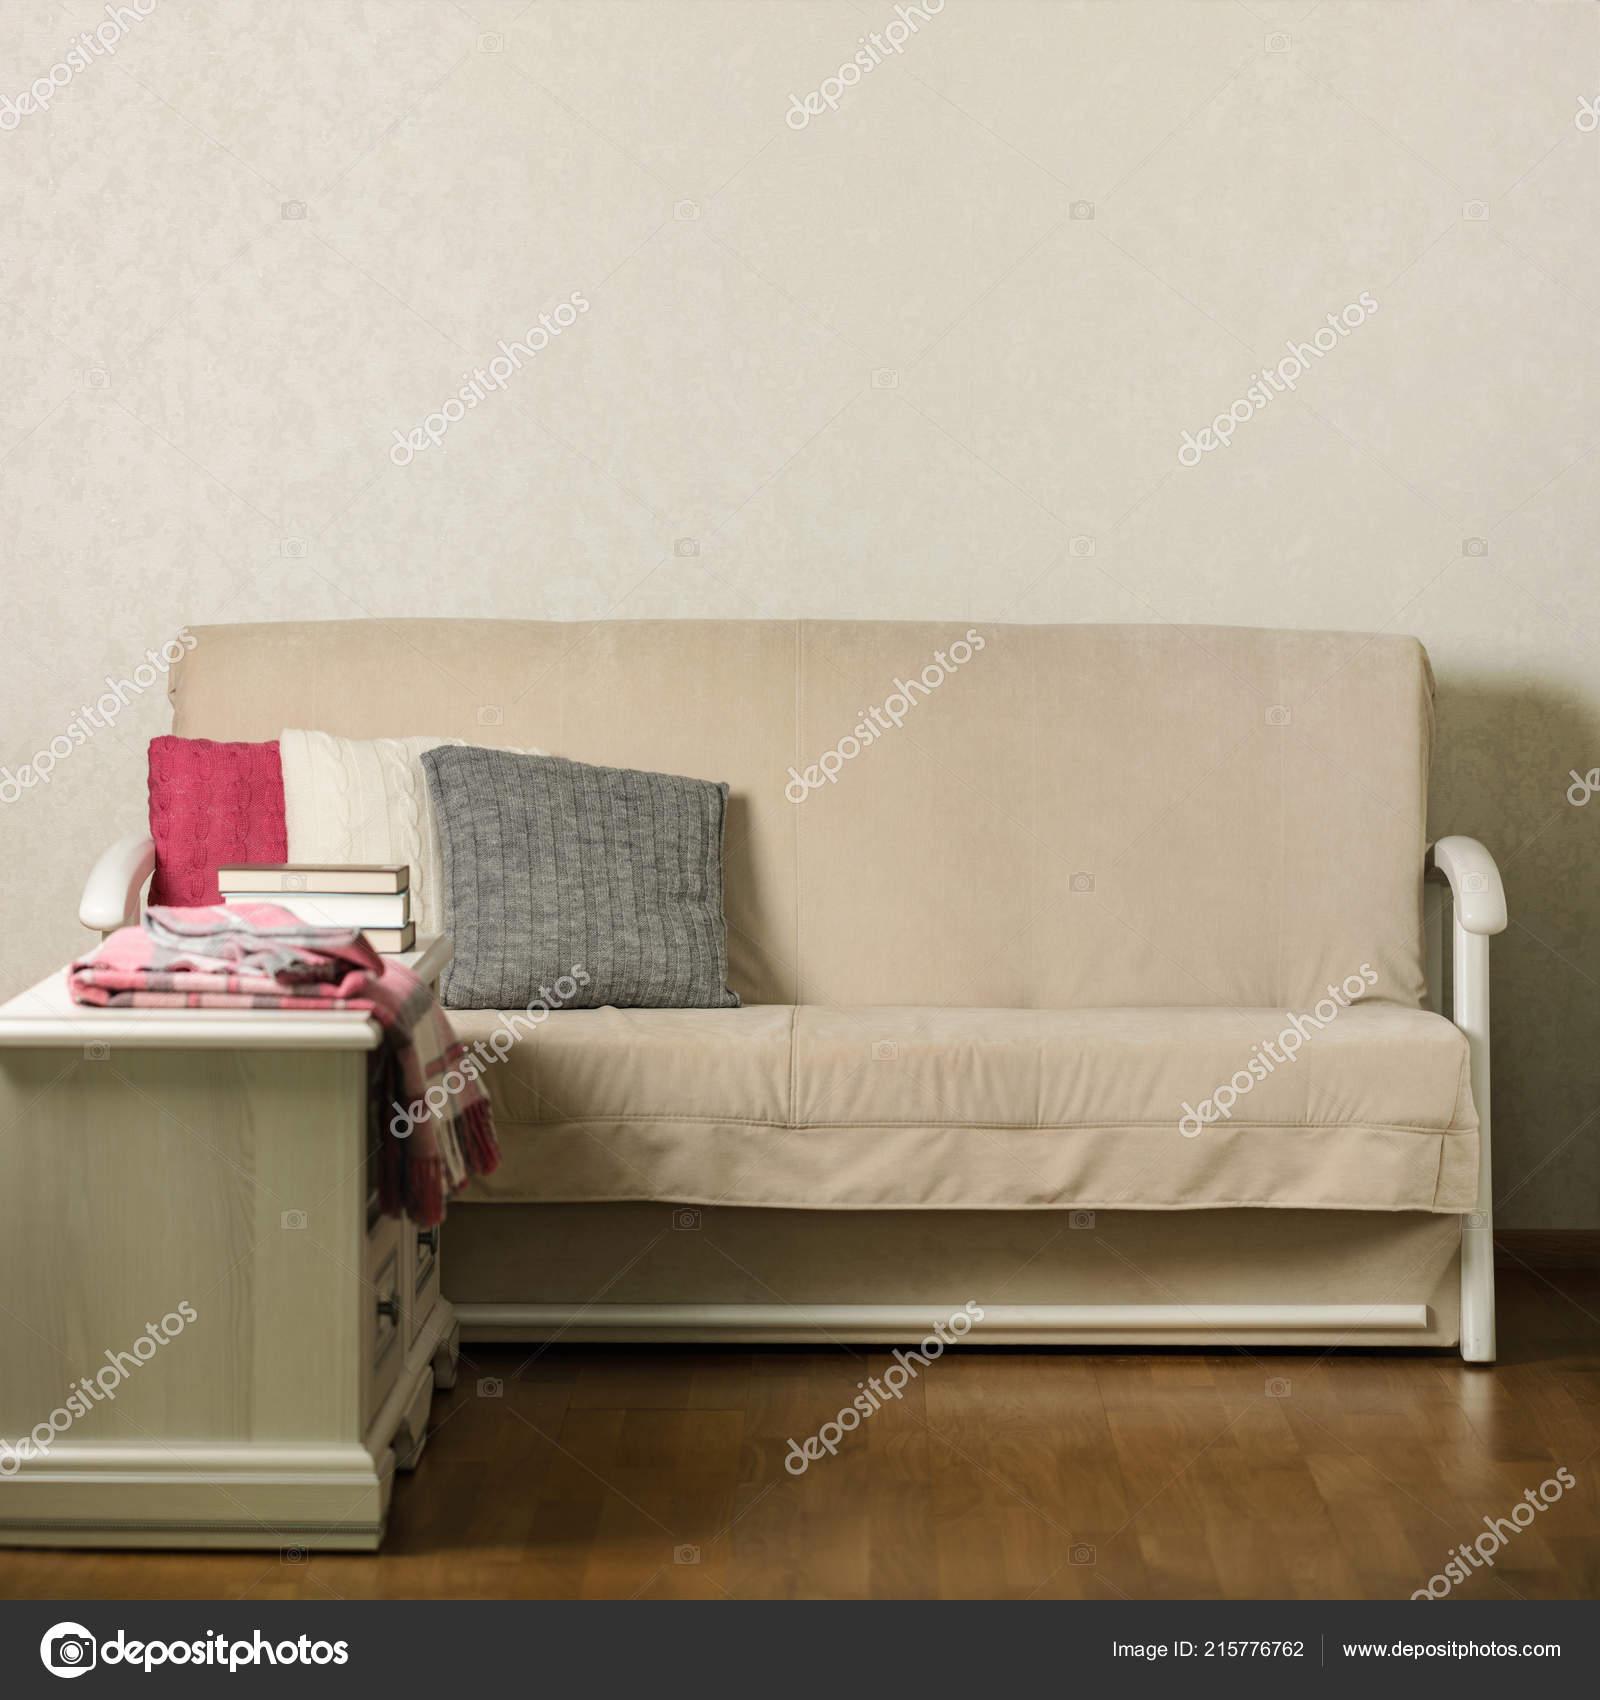 Zalando Cuscini Divano.Tr0d425 Divano Beige Con Plaid Cuscini Colorati Rosa Grigio Bianco